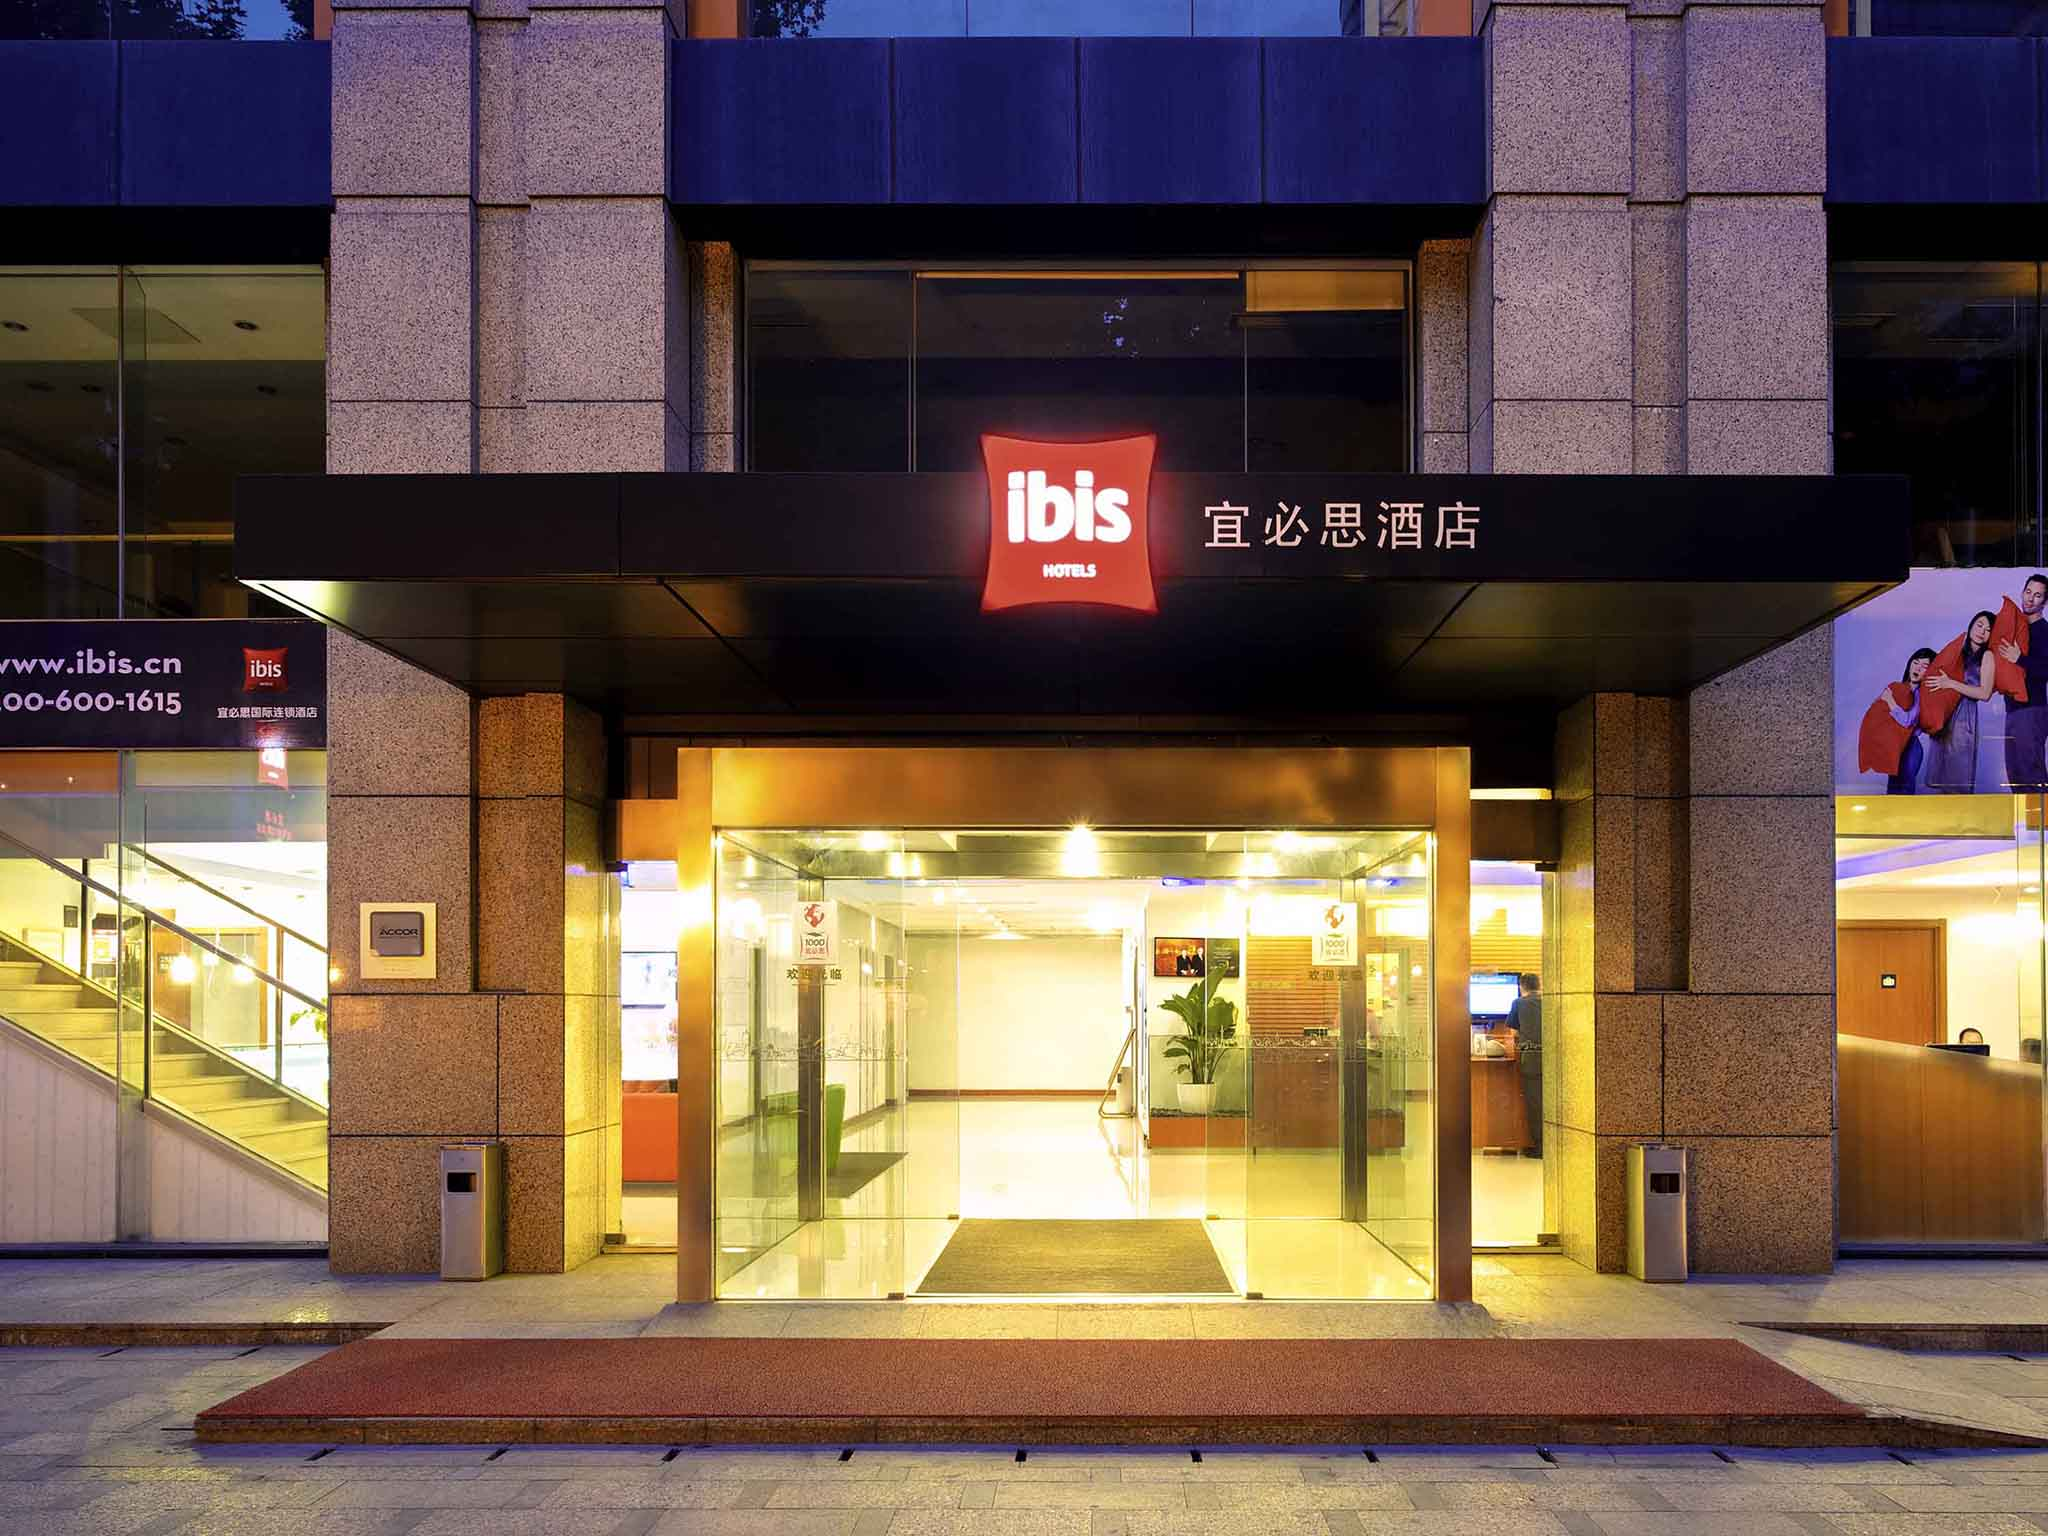 ホテル – イビス 南京 夫子廟